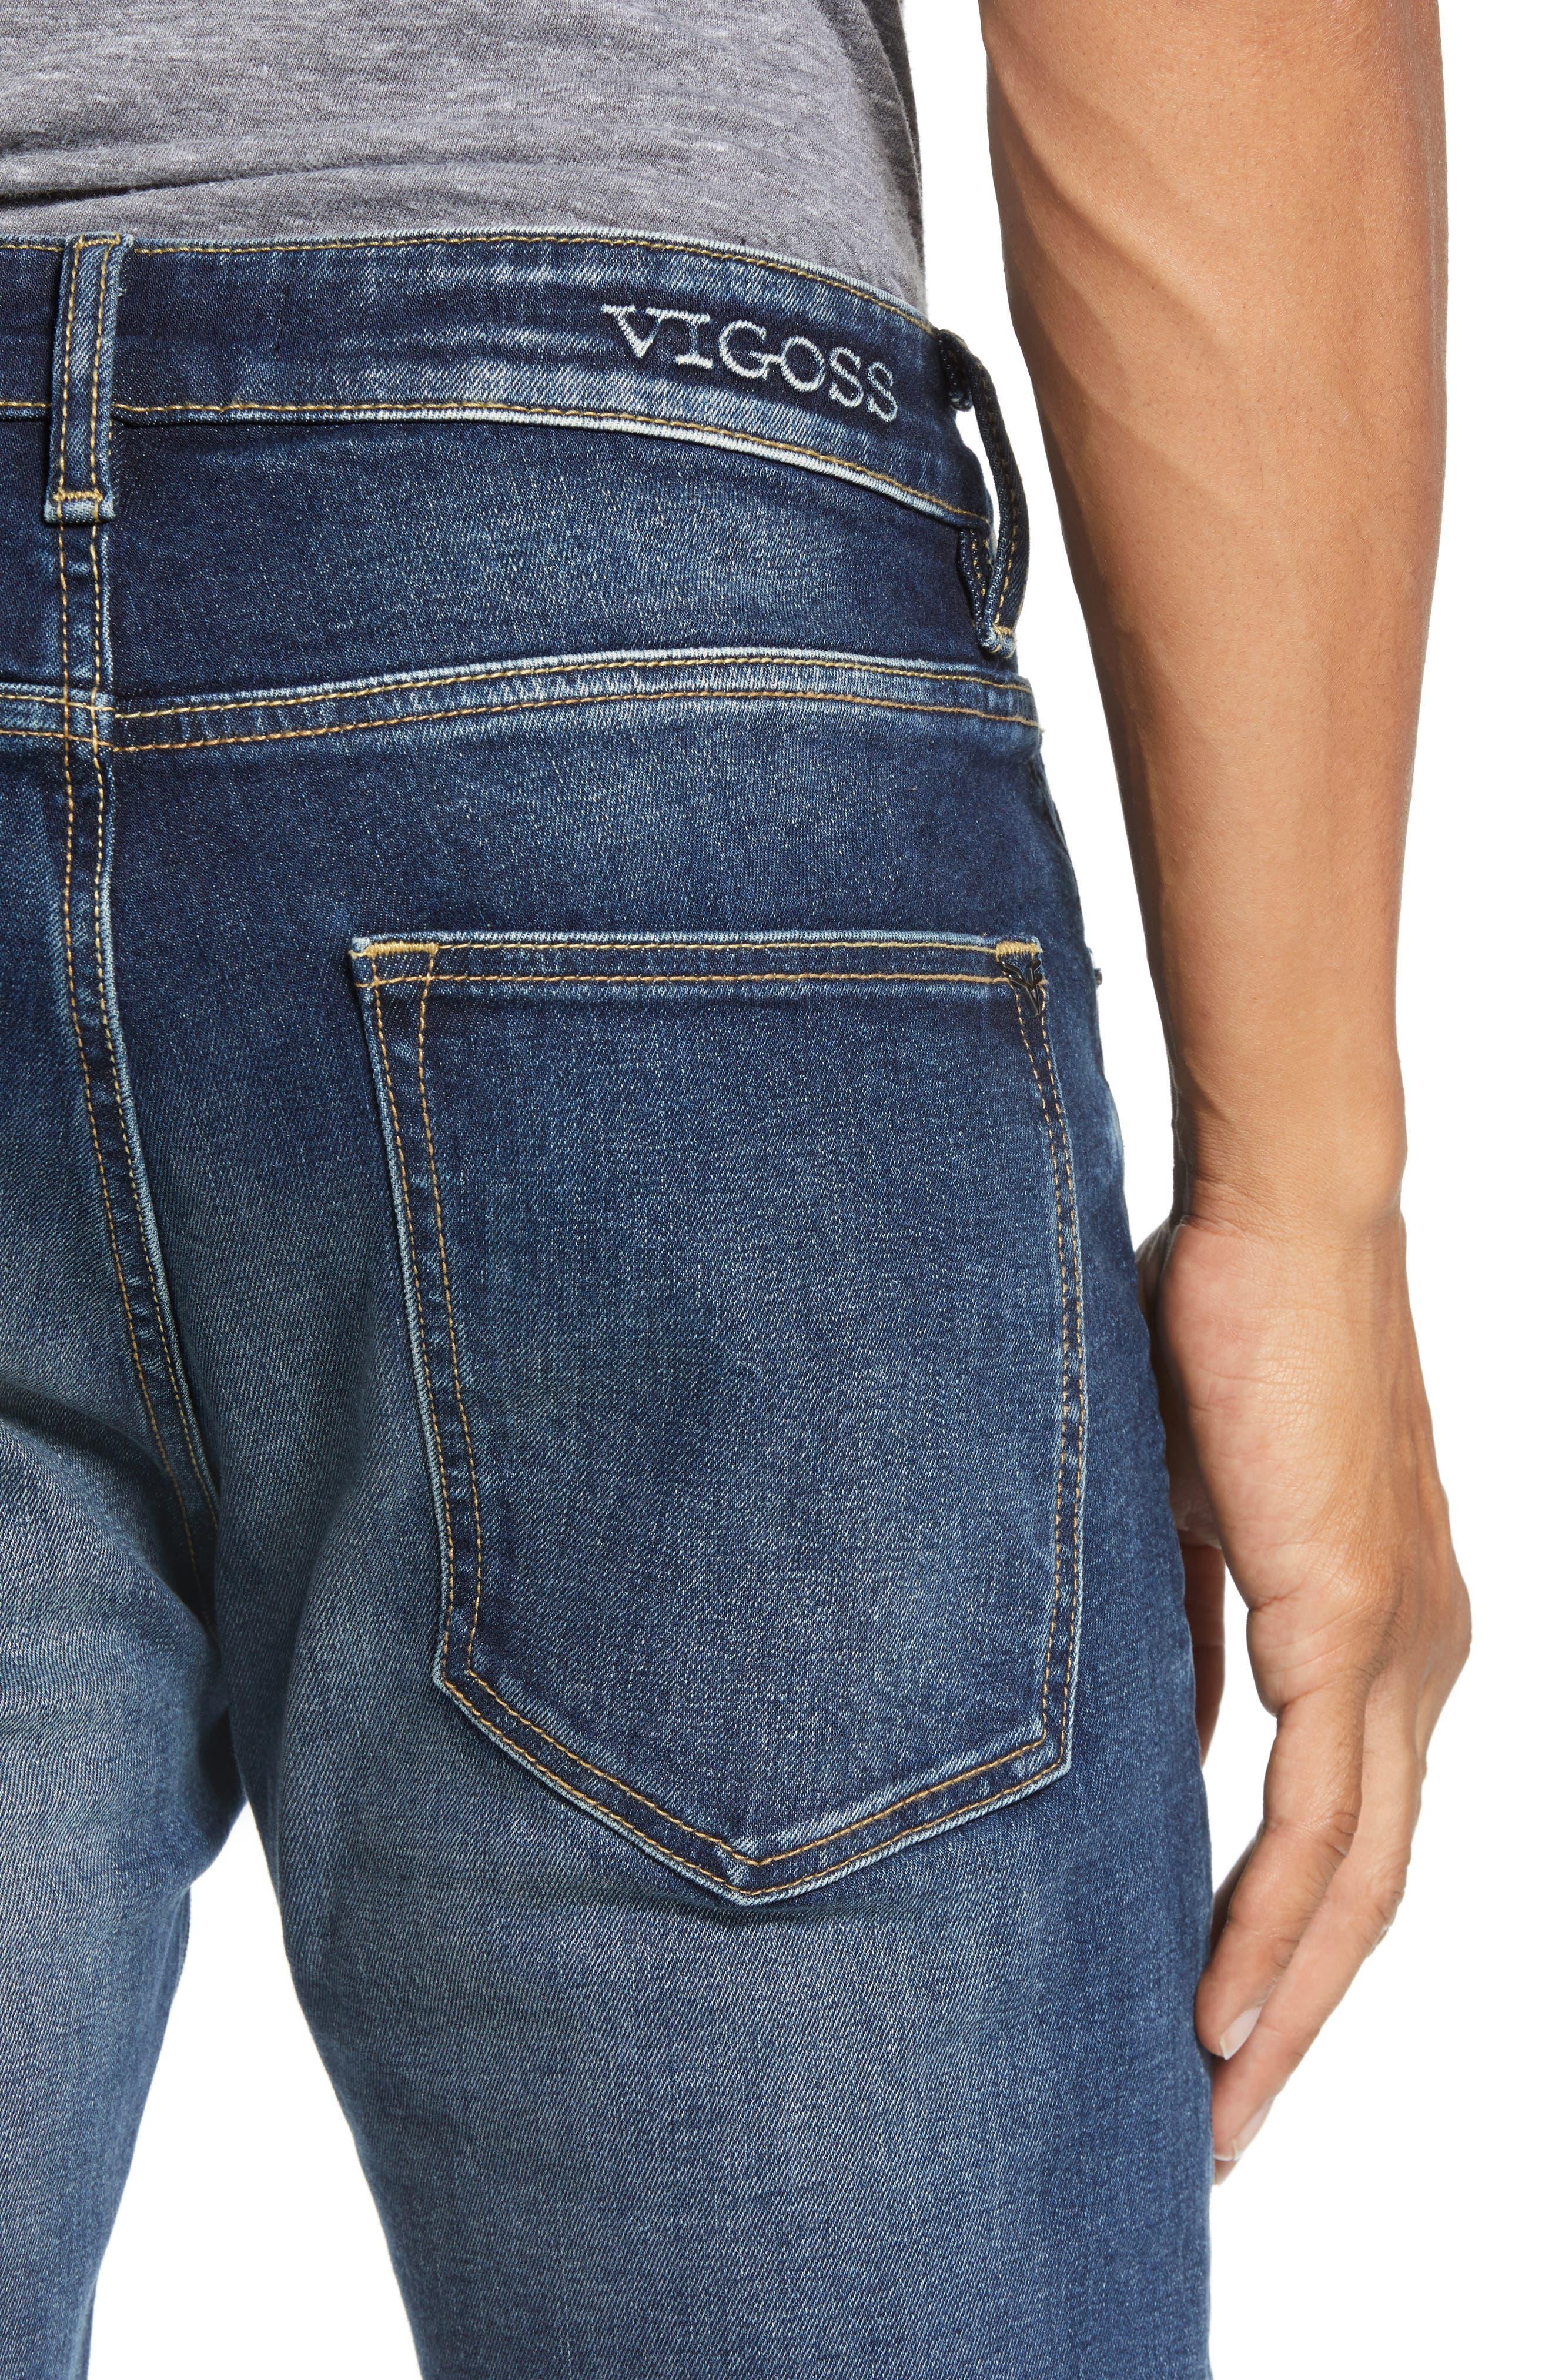 Slim Fit Jeans,                             Alternate thumbnail 4, color,                             PURE BLUE